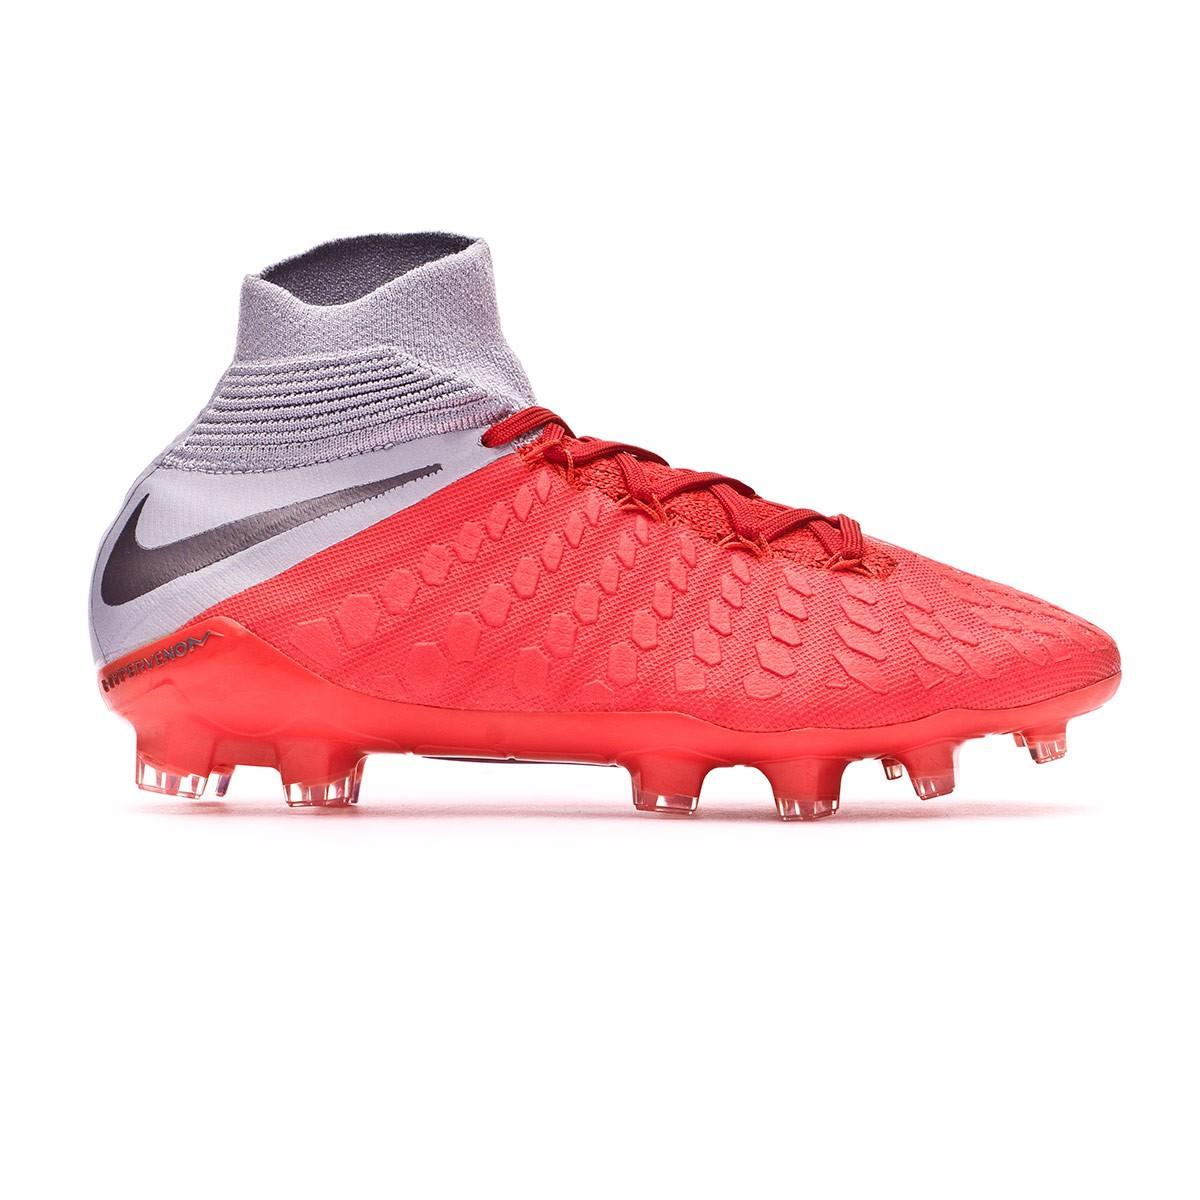 size 40 2f491 b8015 Bota de fútbol Nike Hypervenom Phantom III Elite DF FG Niño Light  crimson-Metallic dark grey-Wolf grey - Tienda de fútbol Fútbol Emotion